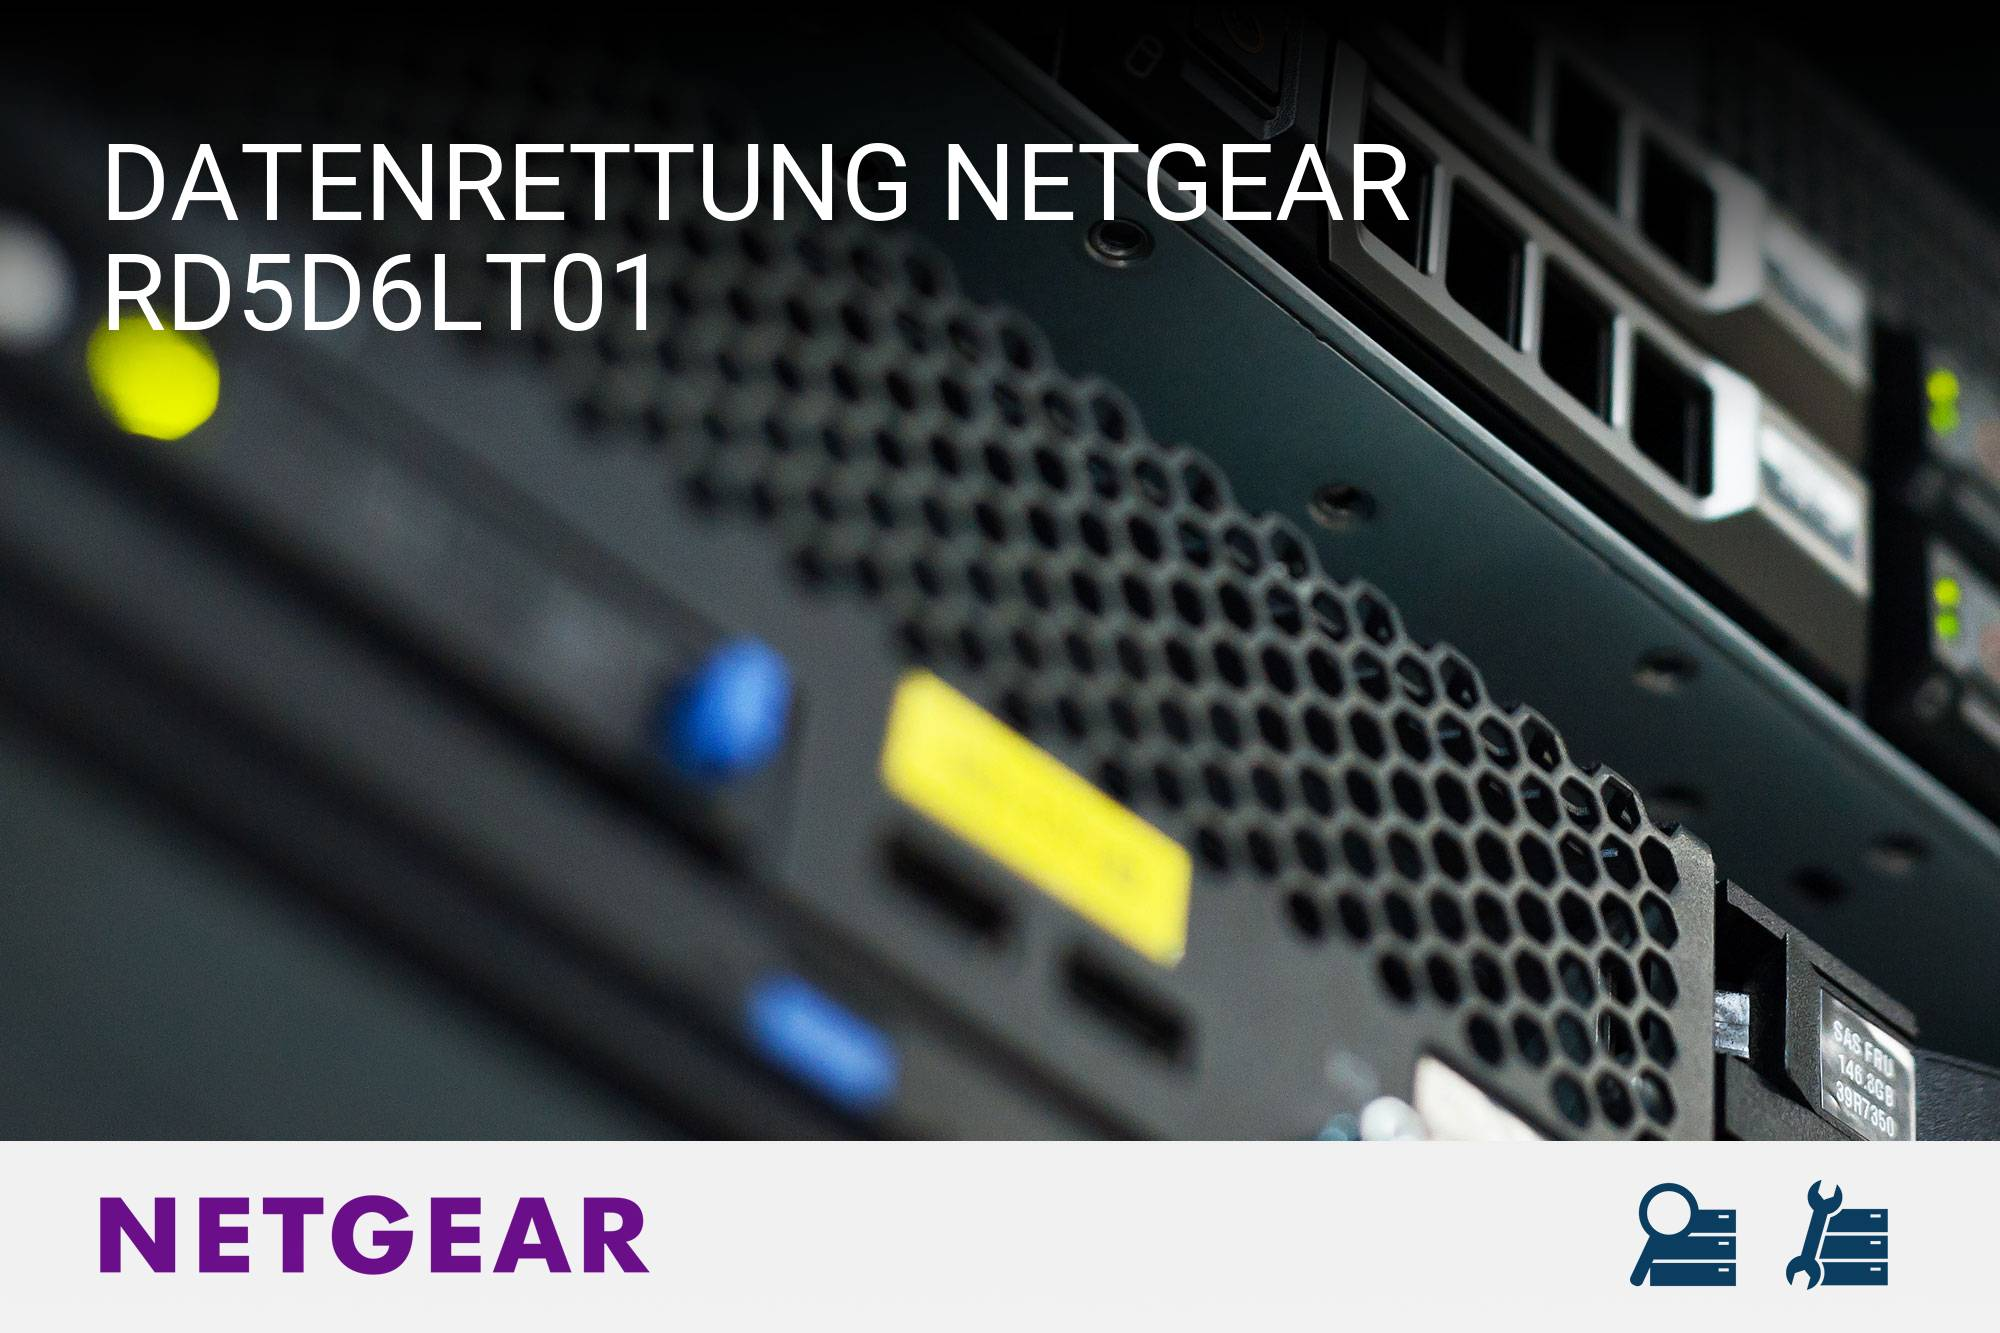 Netgear RD5D6LT01